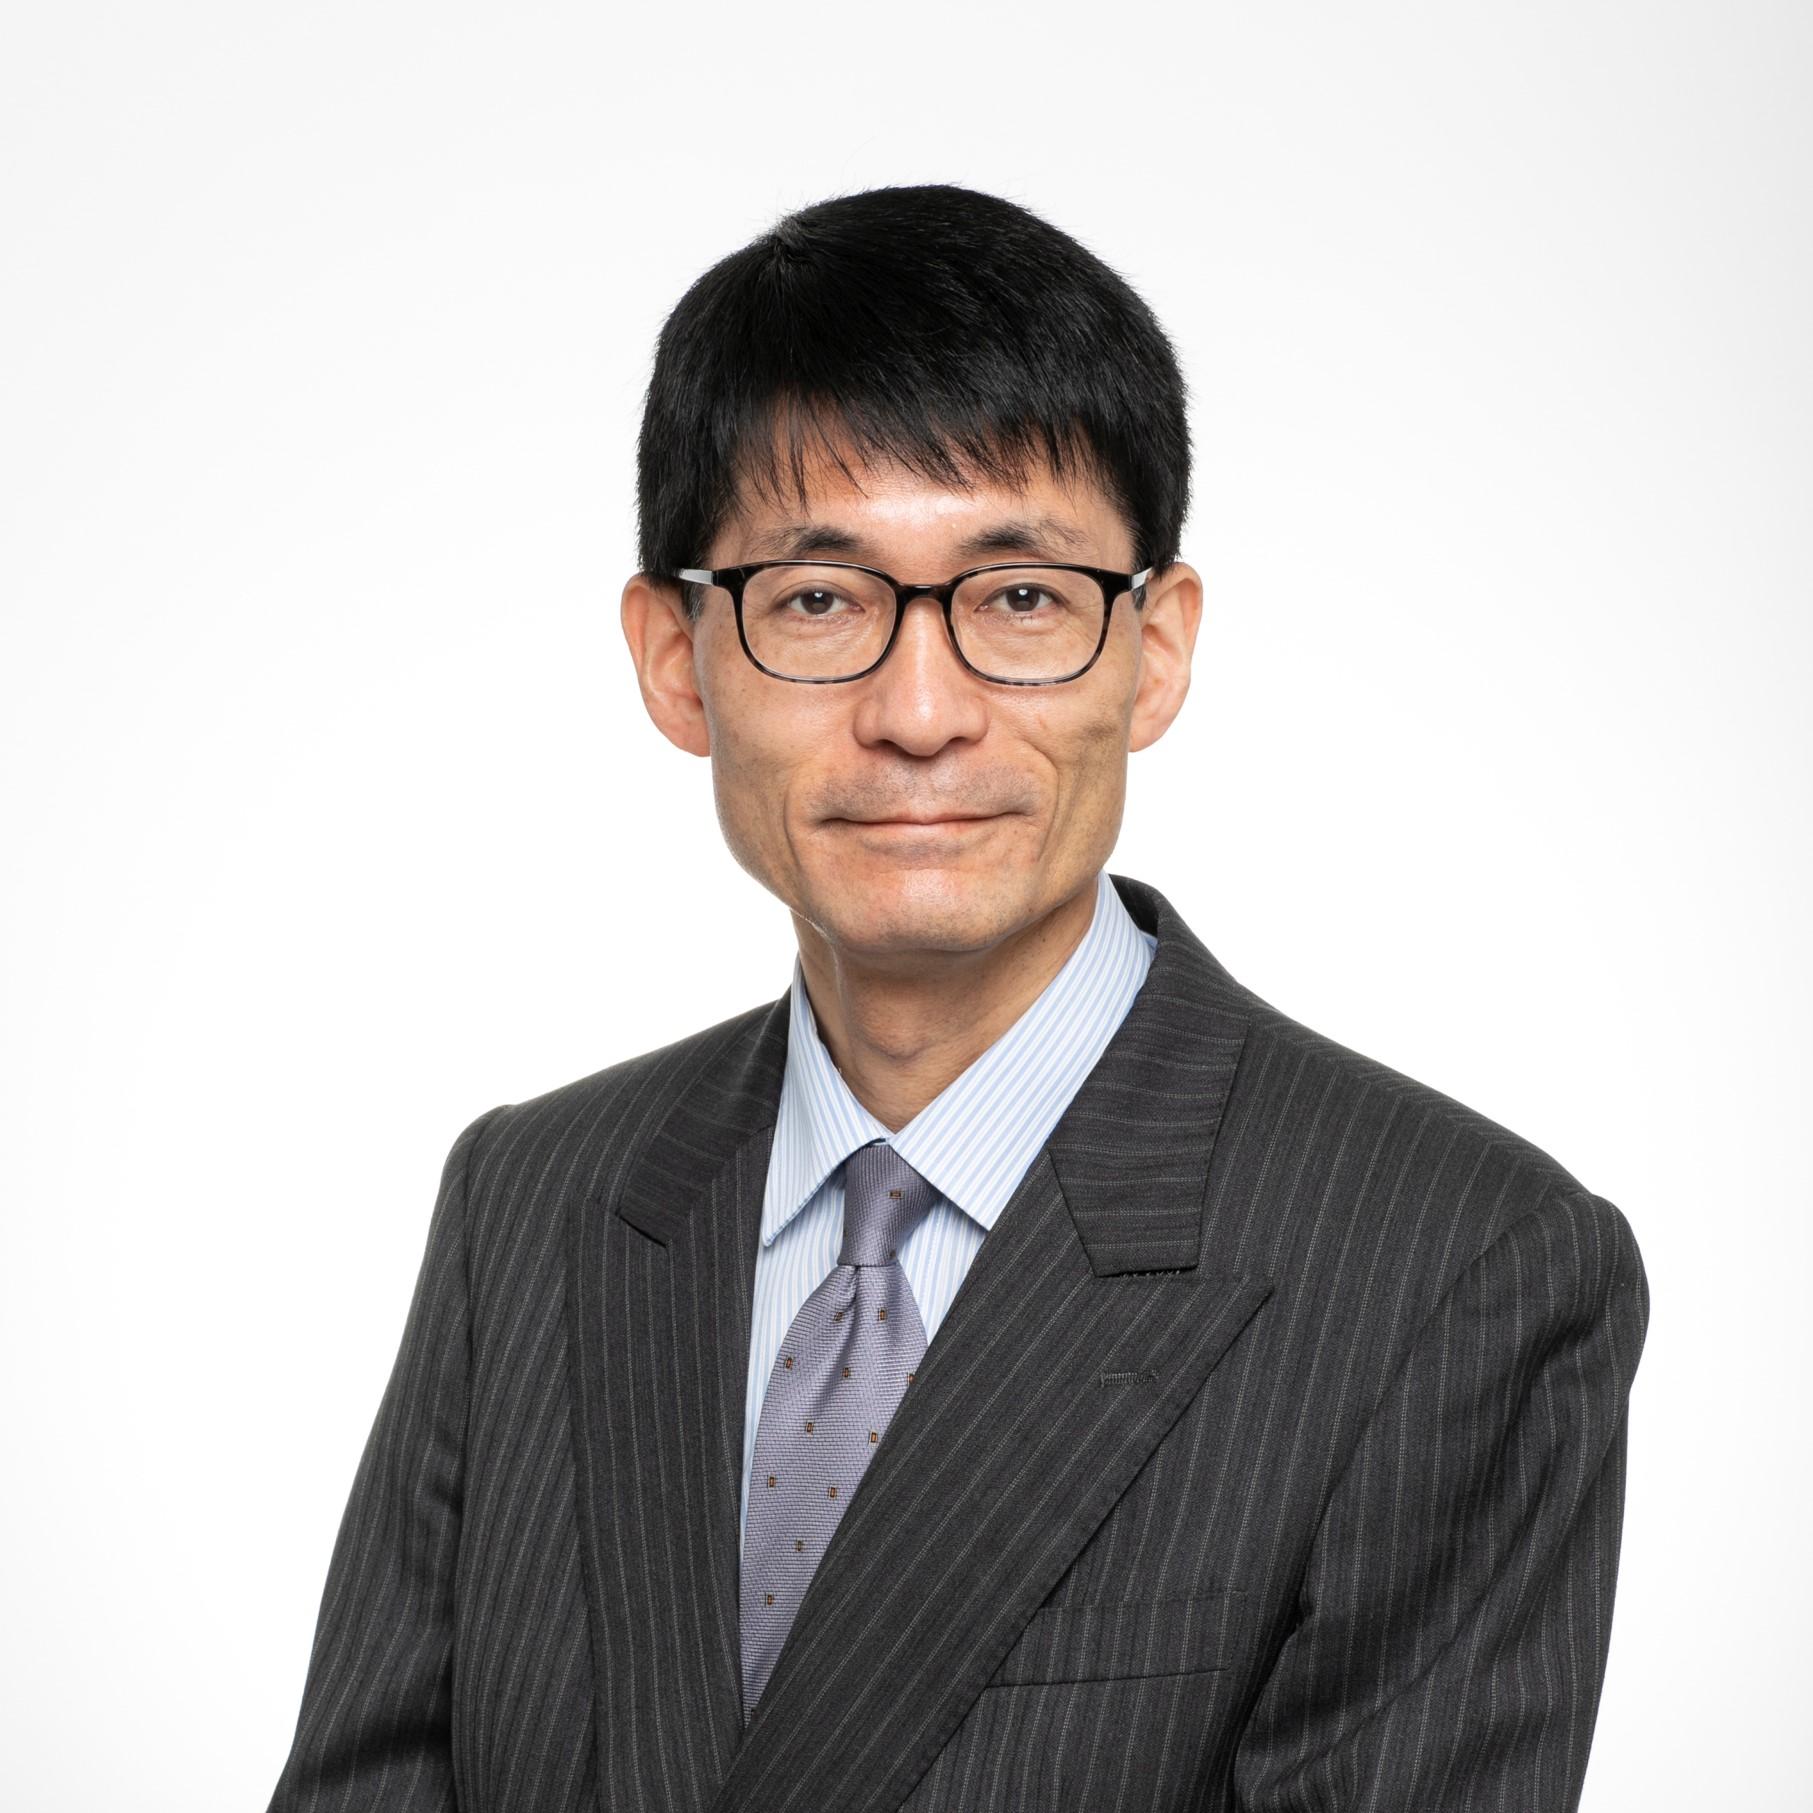 Tatsuji Suzuki